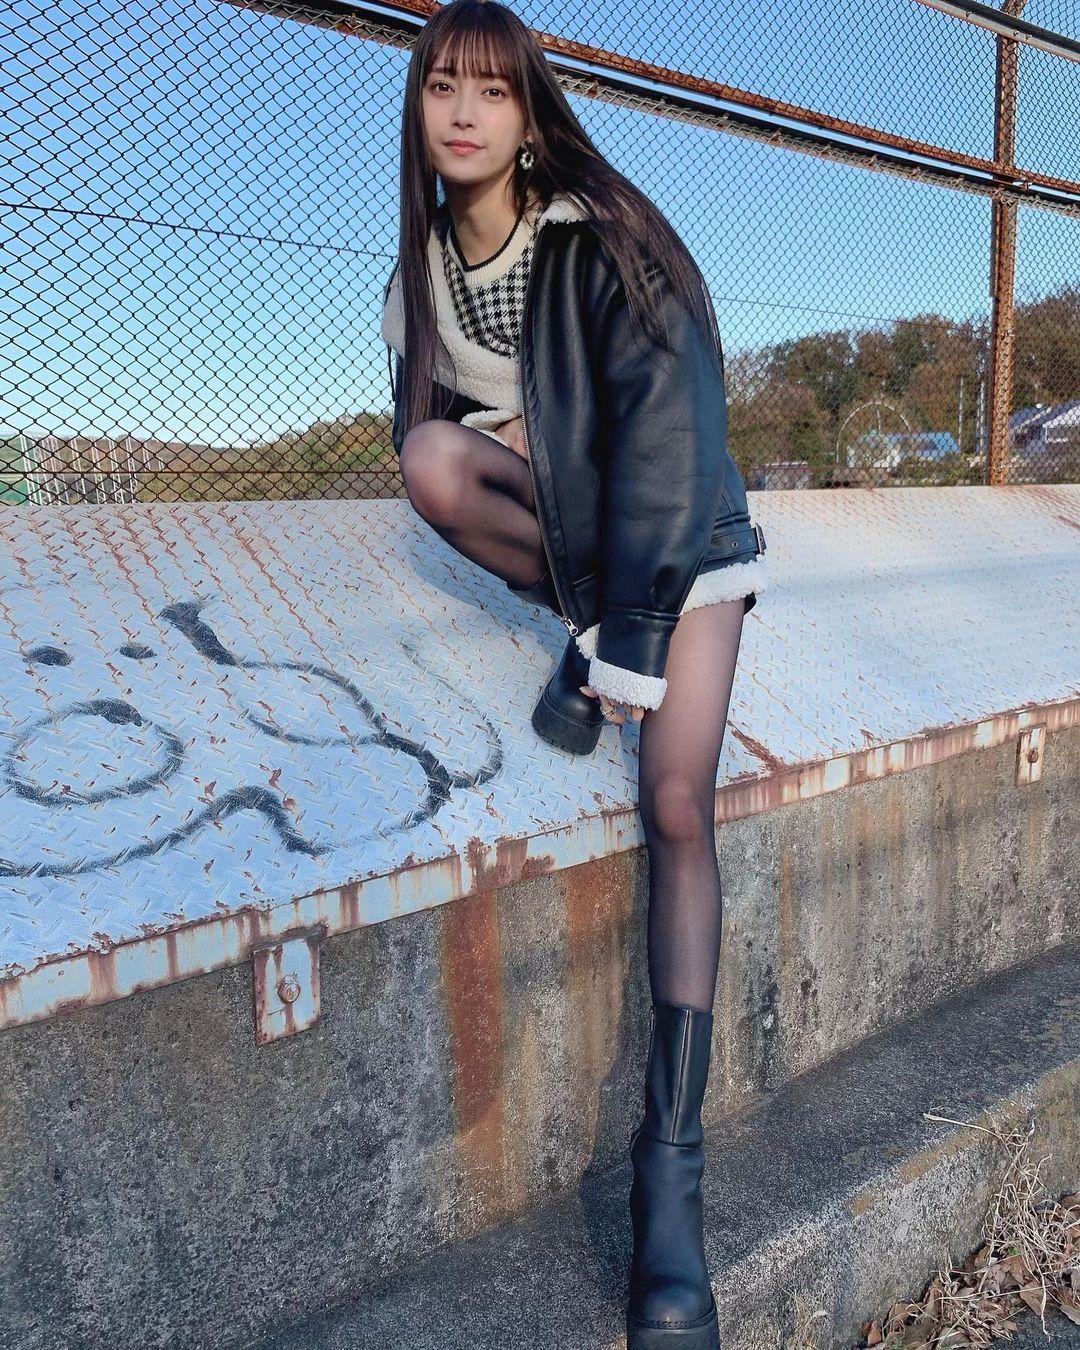 18 岁的青春魅力.清新美女「小山璃奈」高中一毕业就解放长腿 养眼图片 第6张